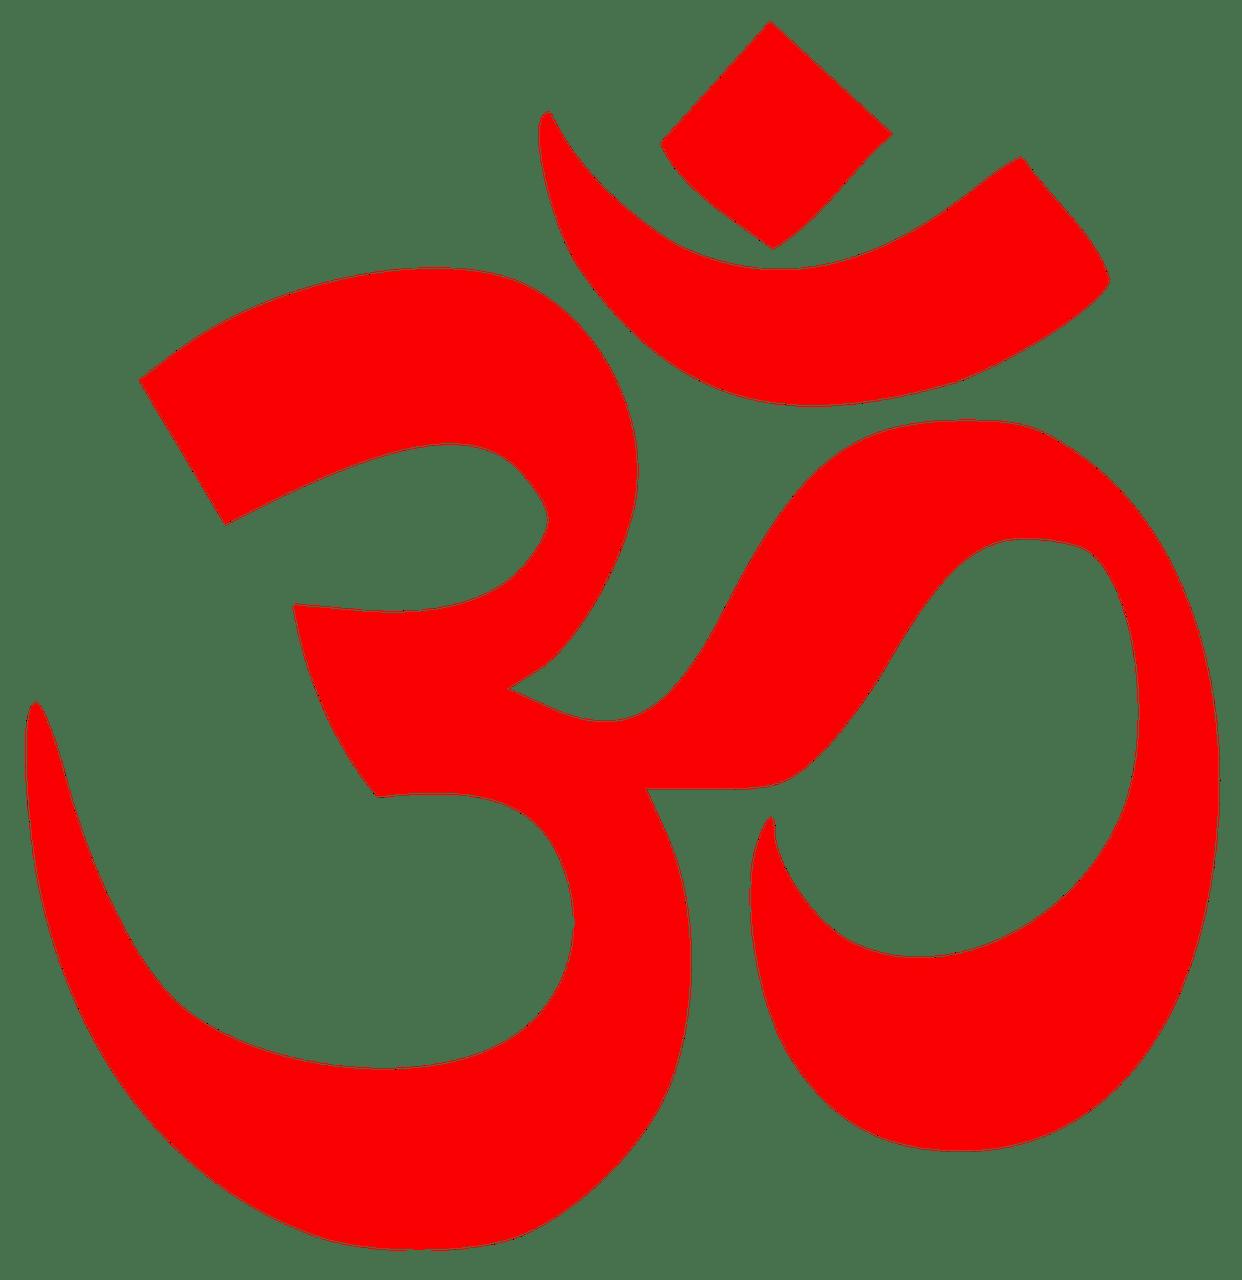 Mantra Om In Golden Lotus Flower Transparent Png Stickpng